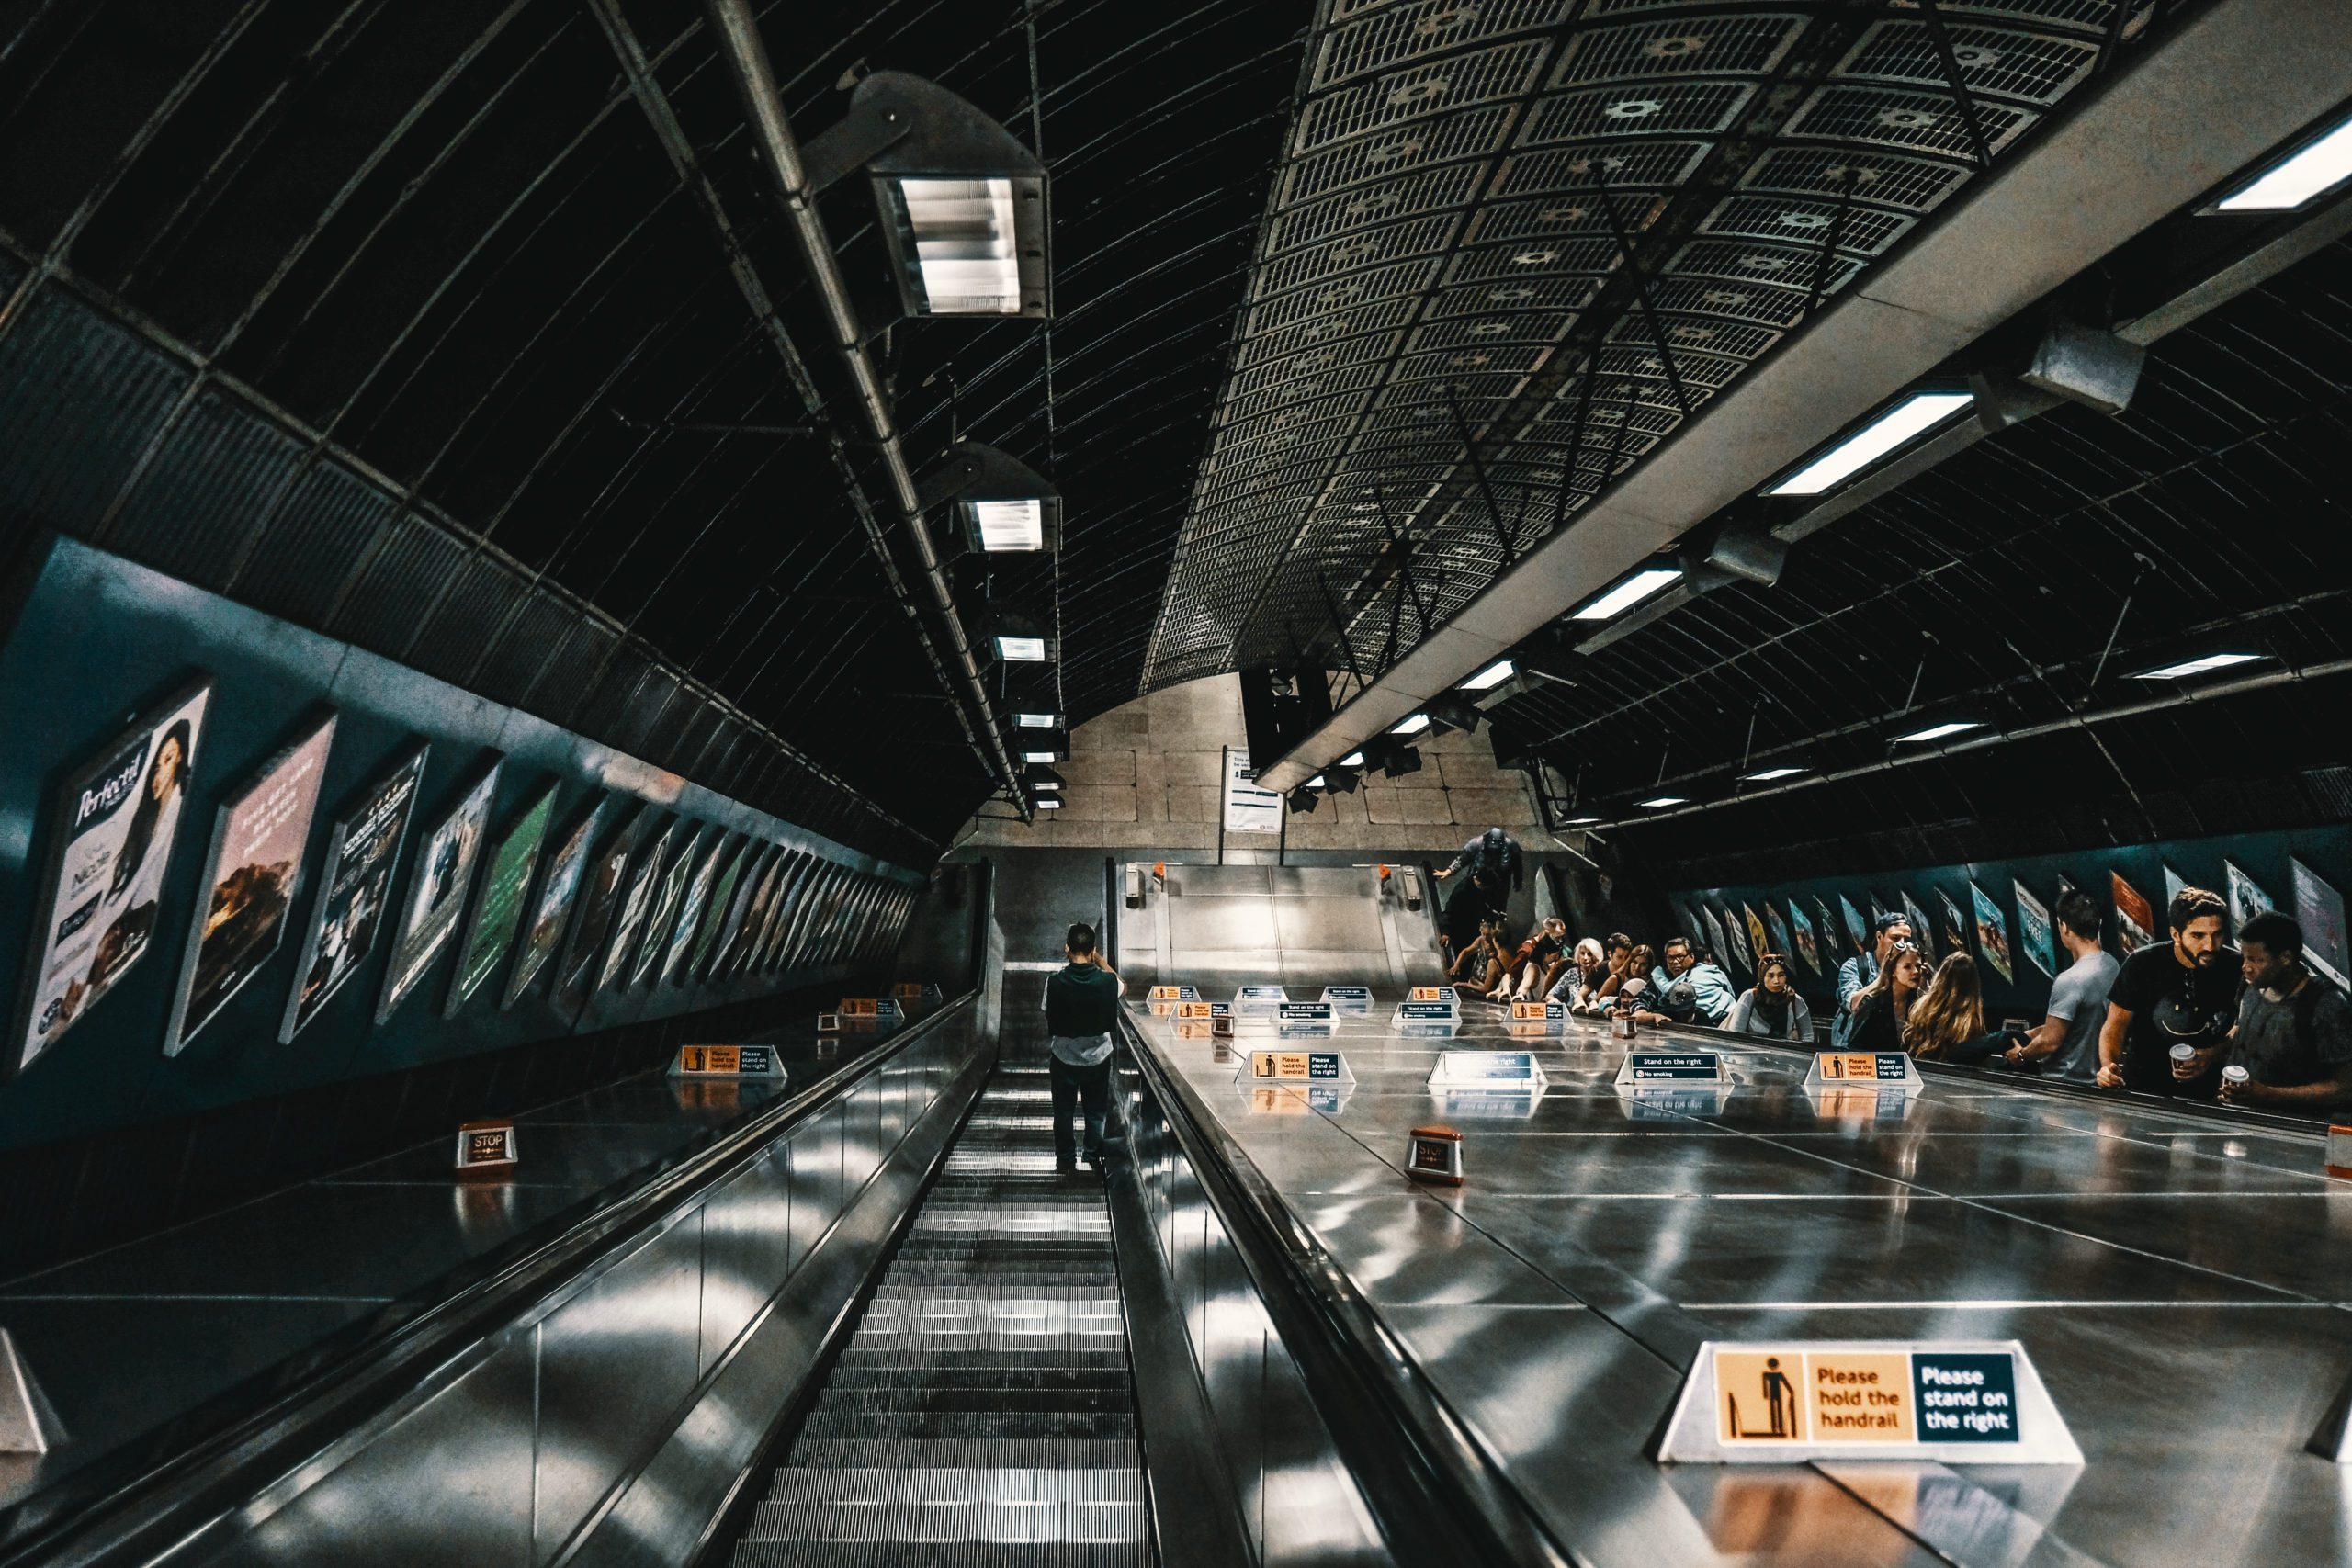 Londun U-Bahn